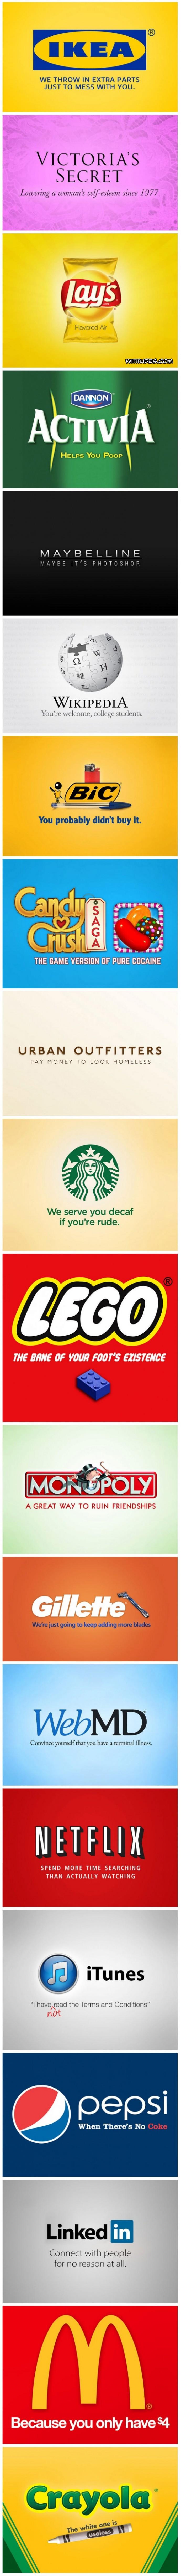 Honest Slogans - including Ikea, Lego